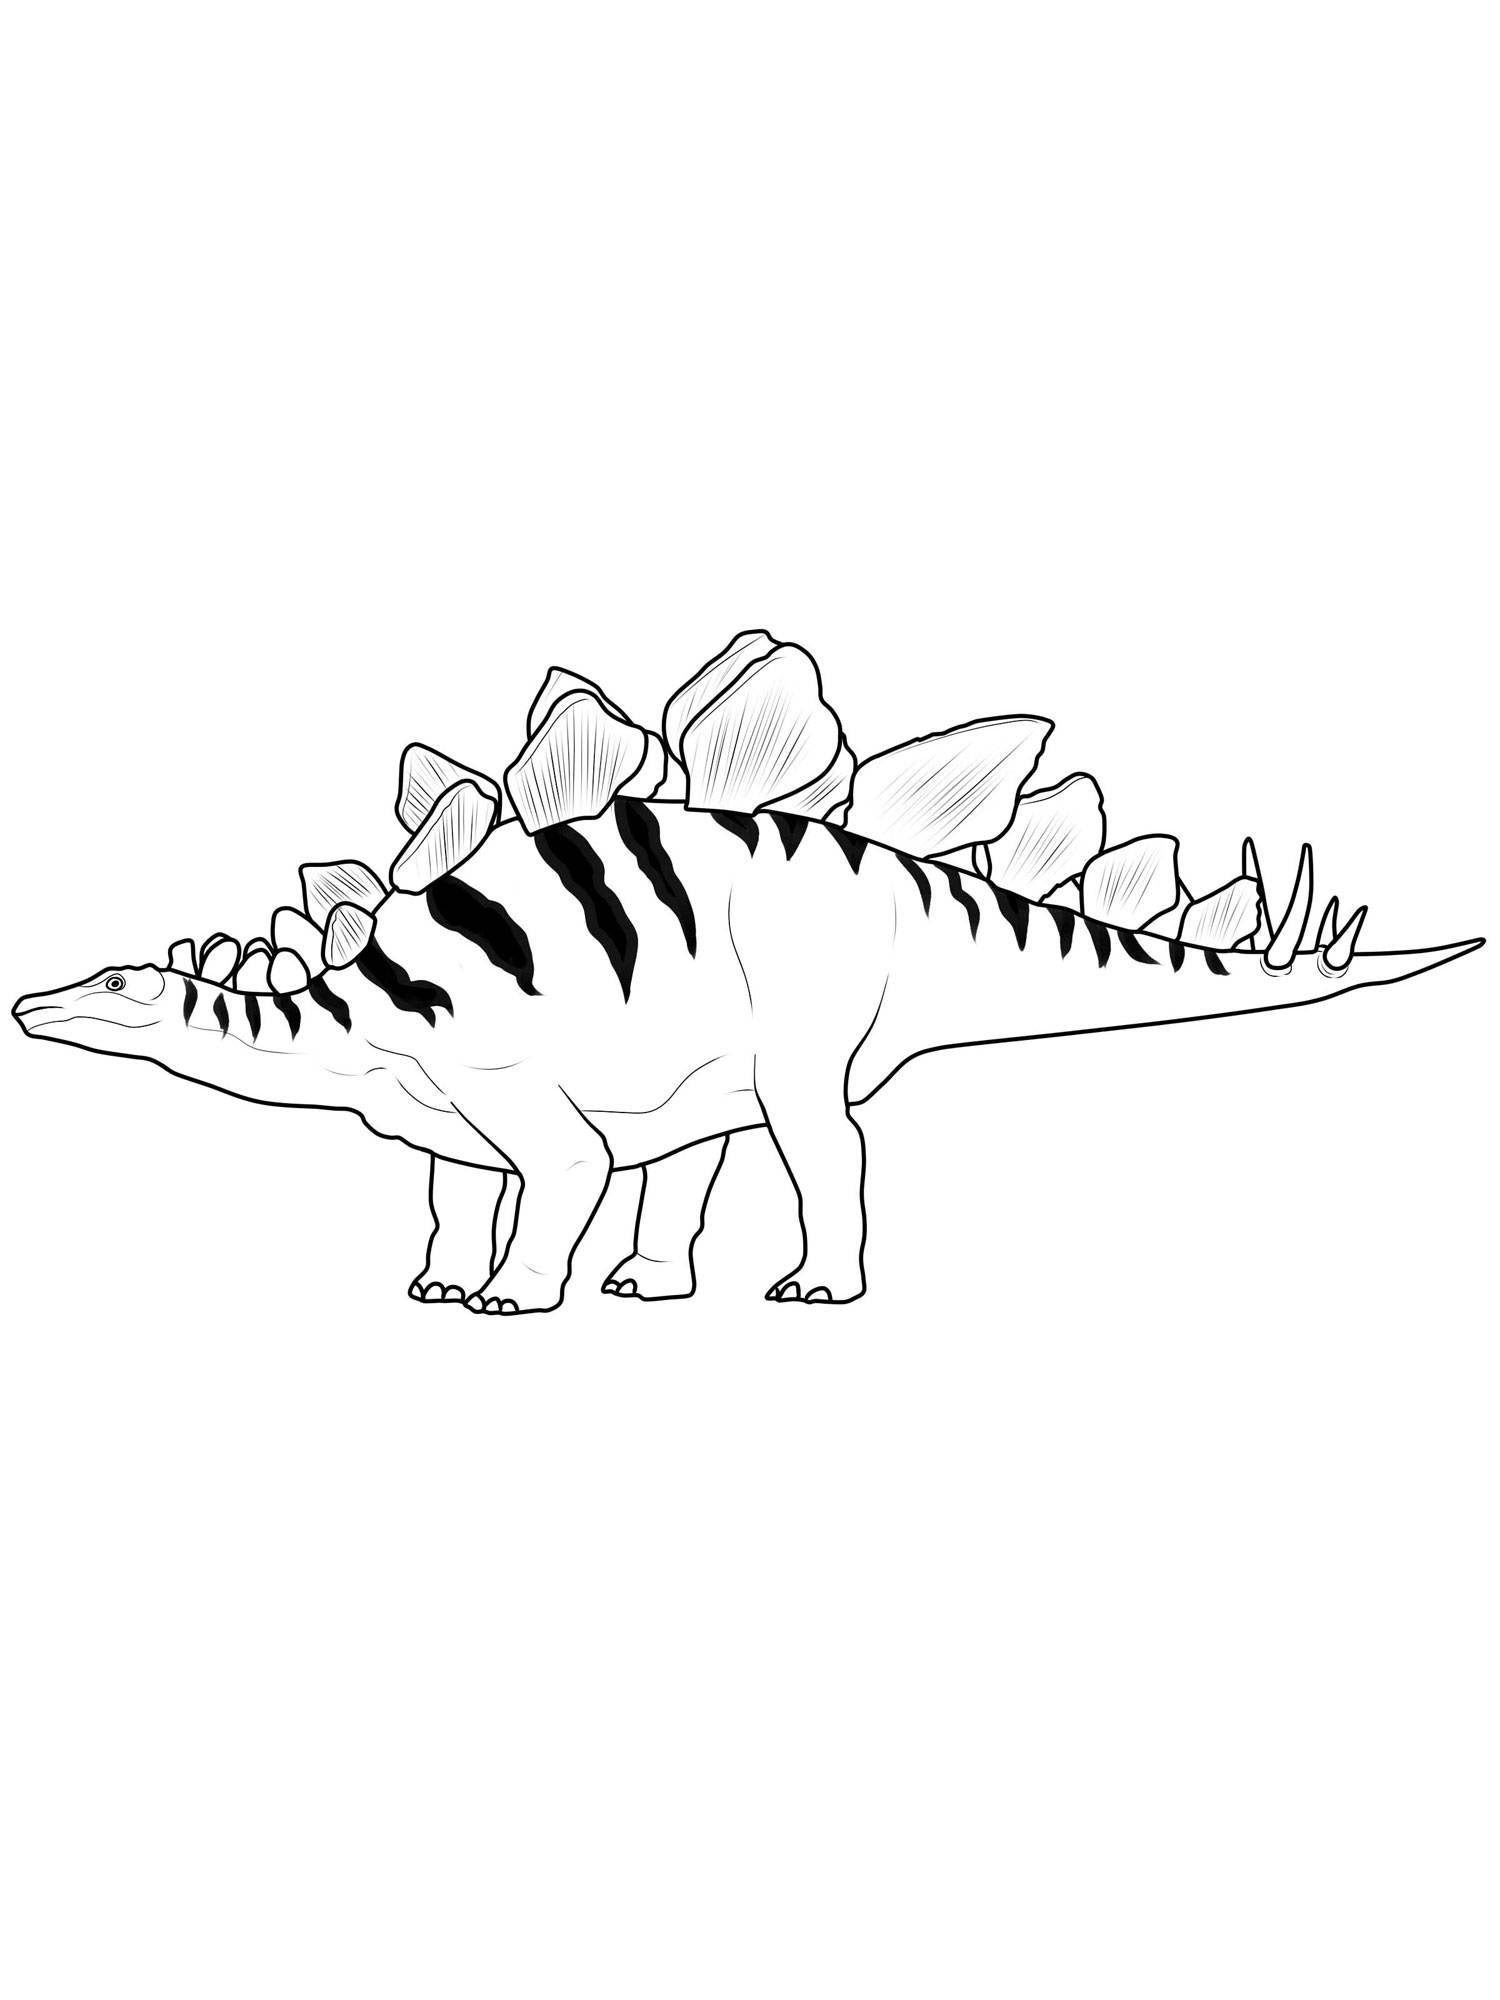 malvorlagen dinosaurier pdf